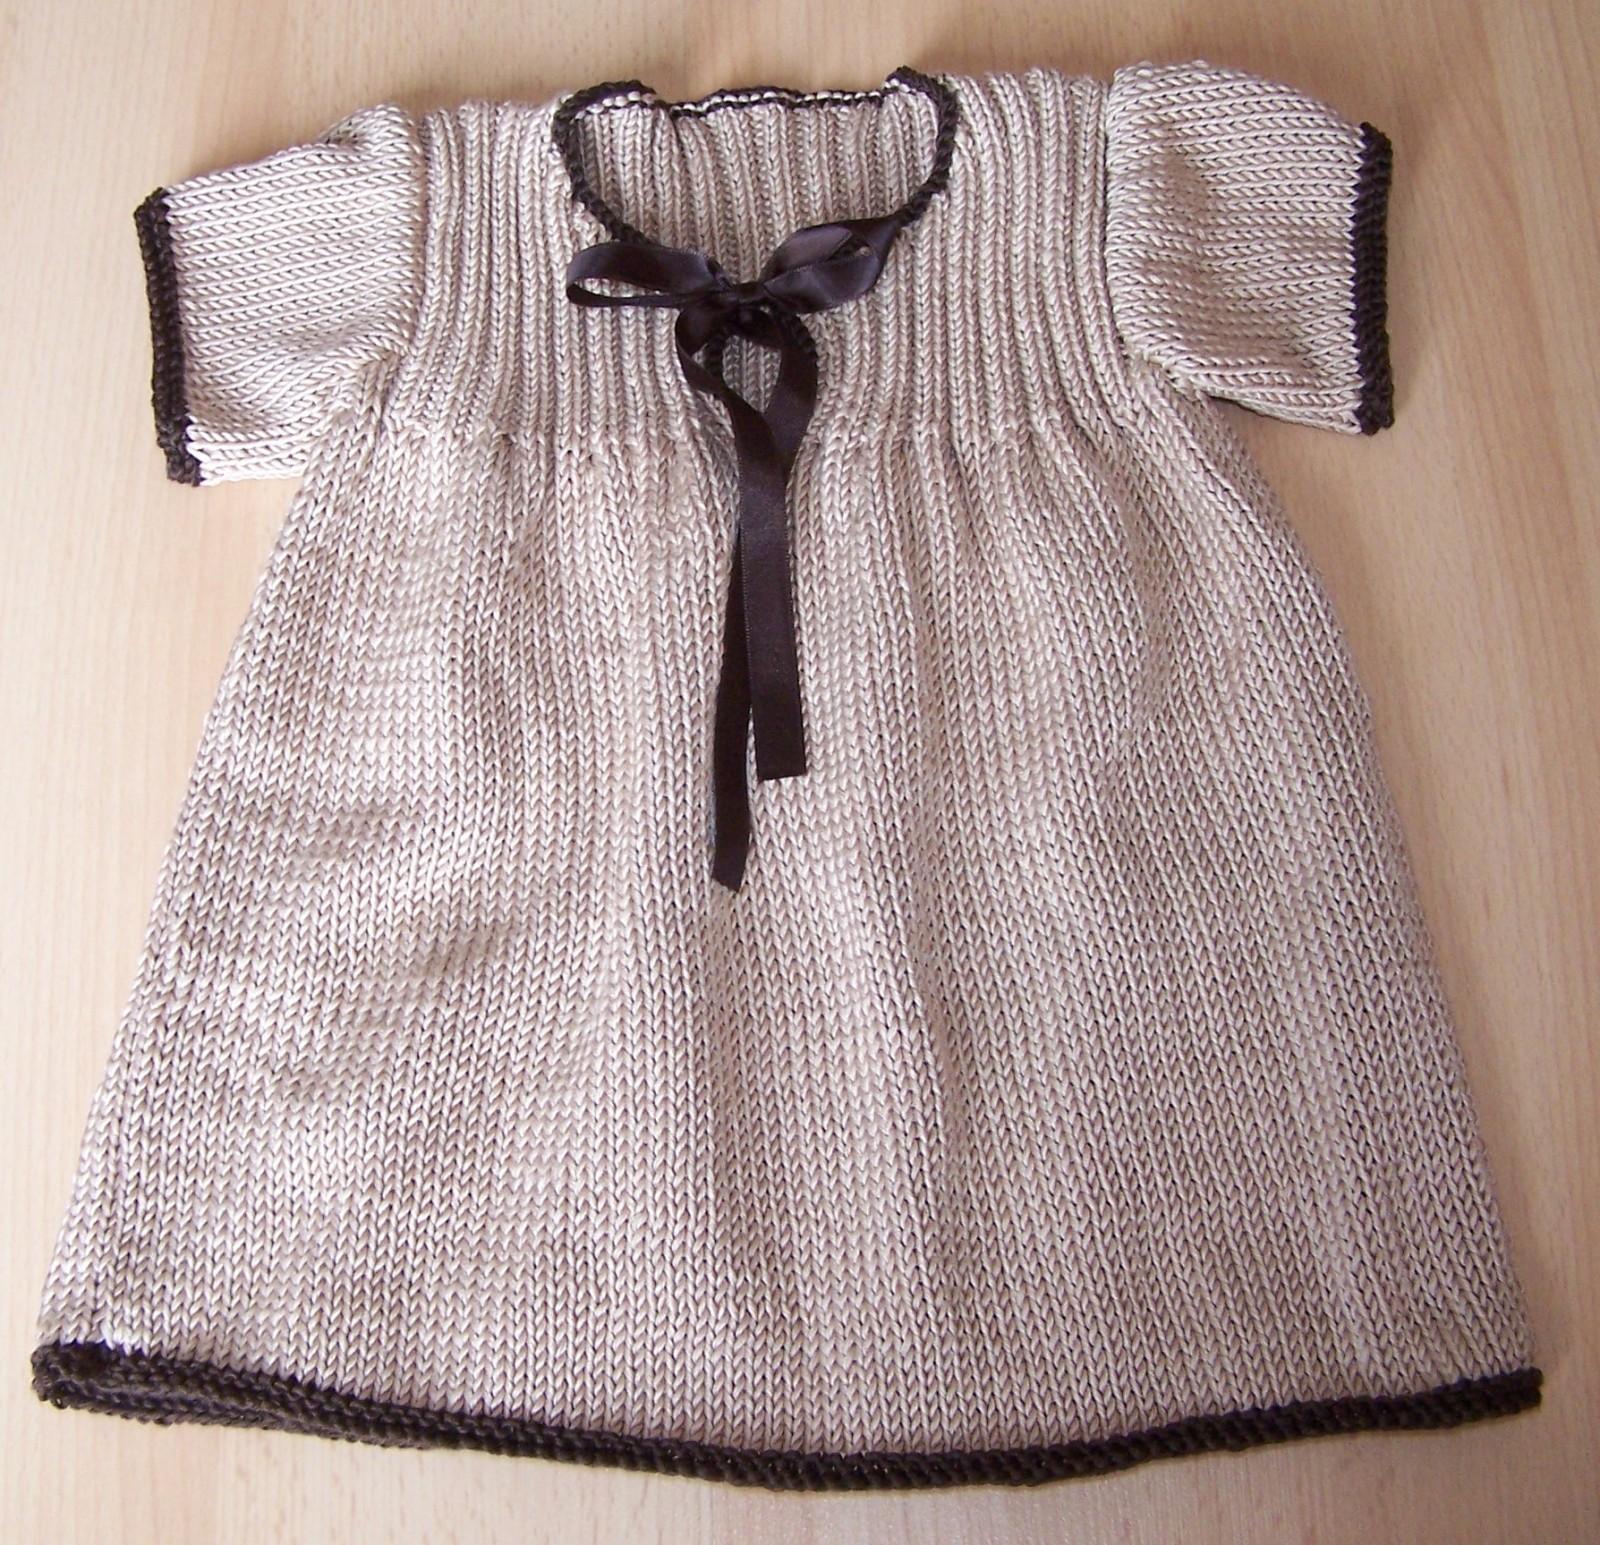 79f62275e556b Robe a tricoter pour bebe - Idées de tricot gratuit